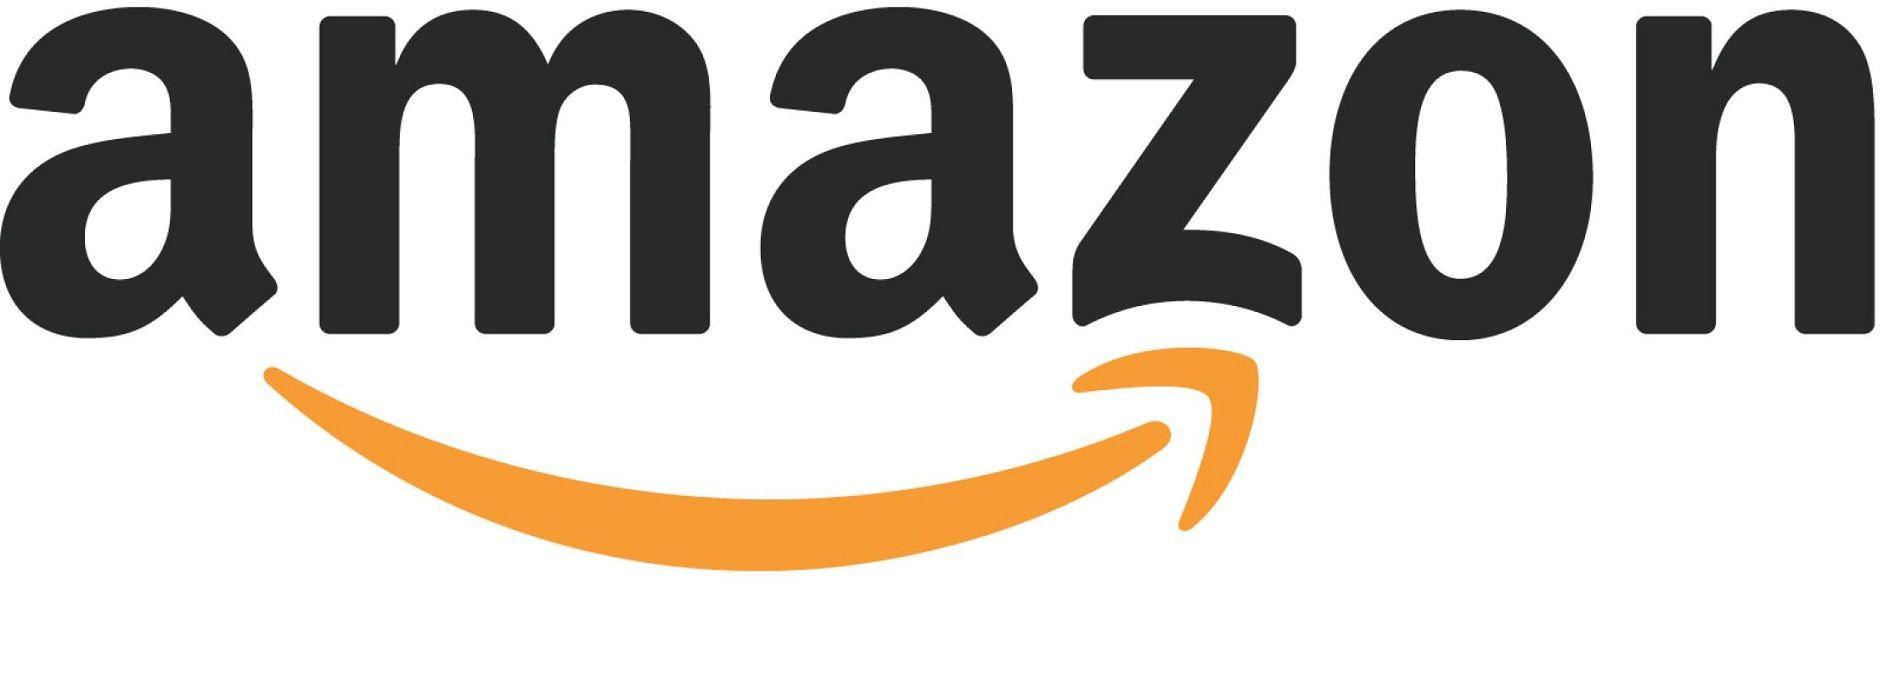 Black Friday 2017: lo sciopero dei dipendenti Amazon mette a rischio lo shopping